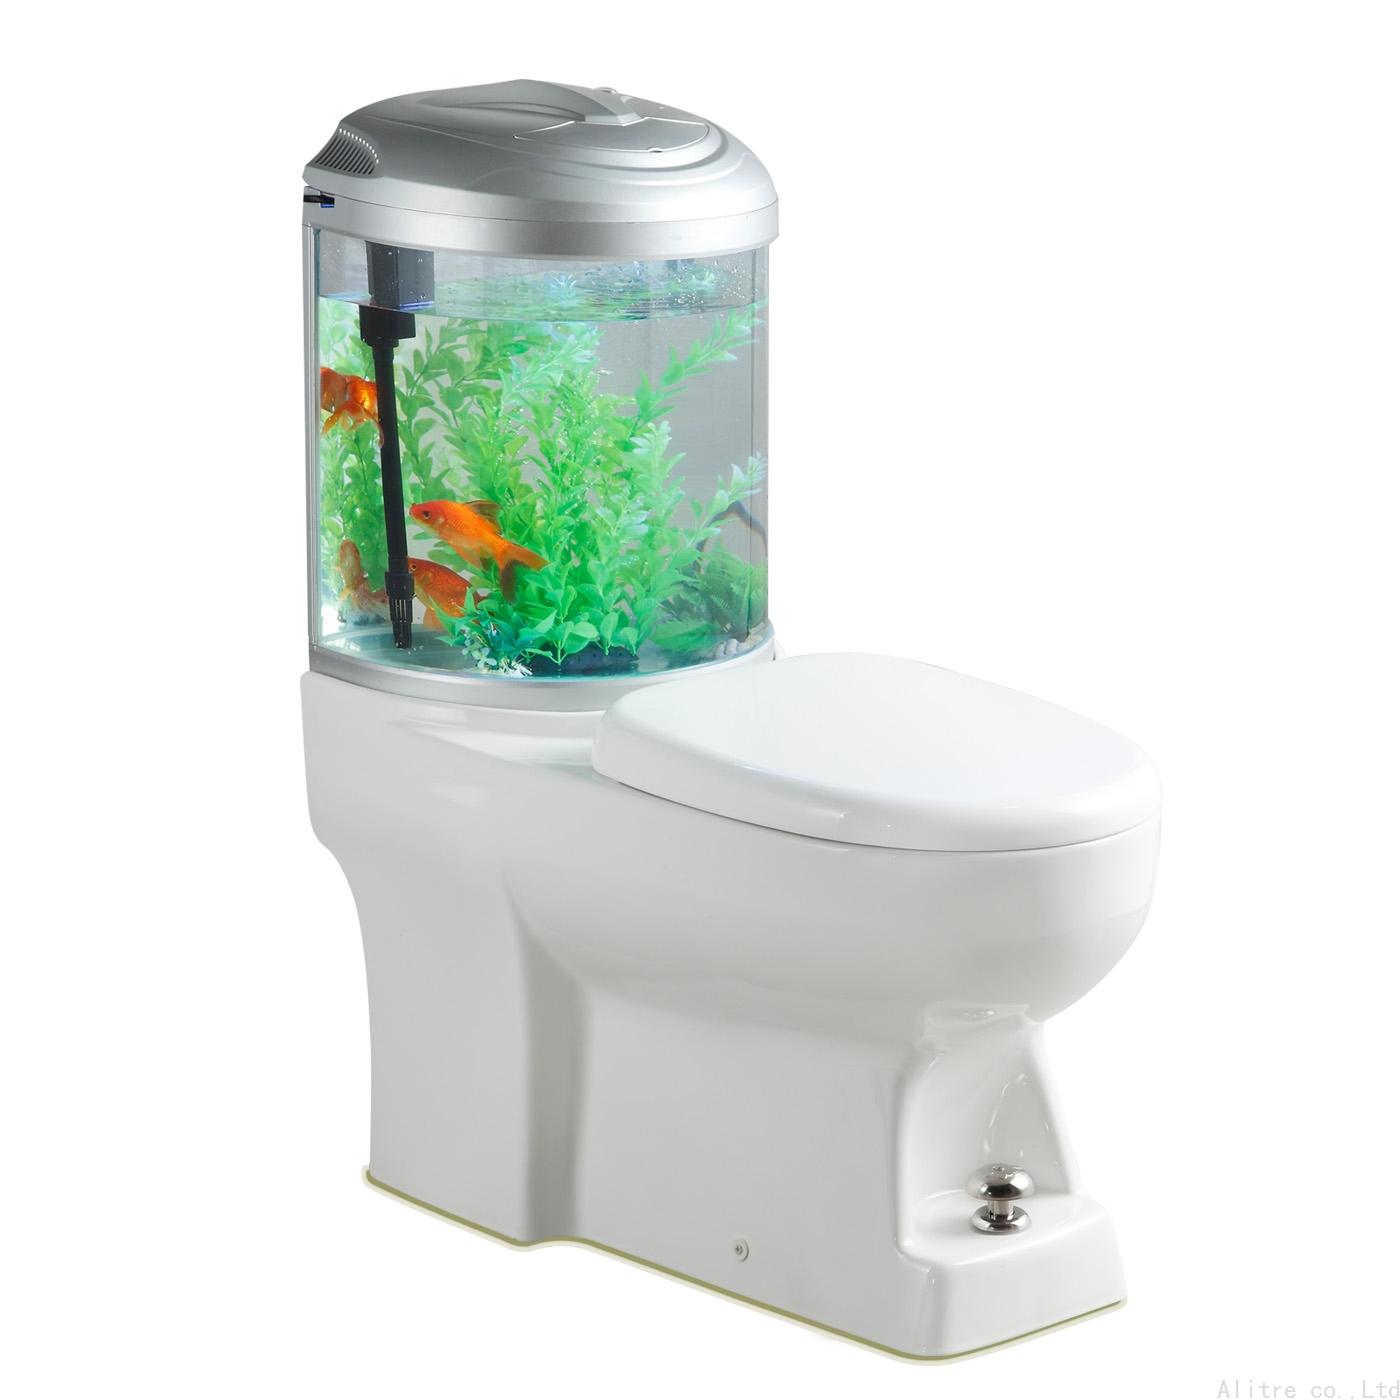 A Litre Health Toilet Alitre Co Ltd